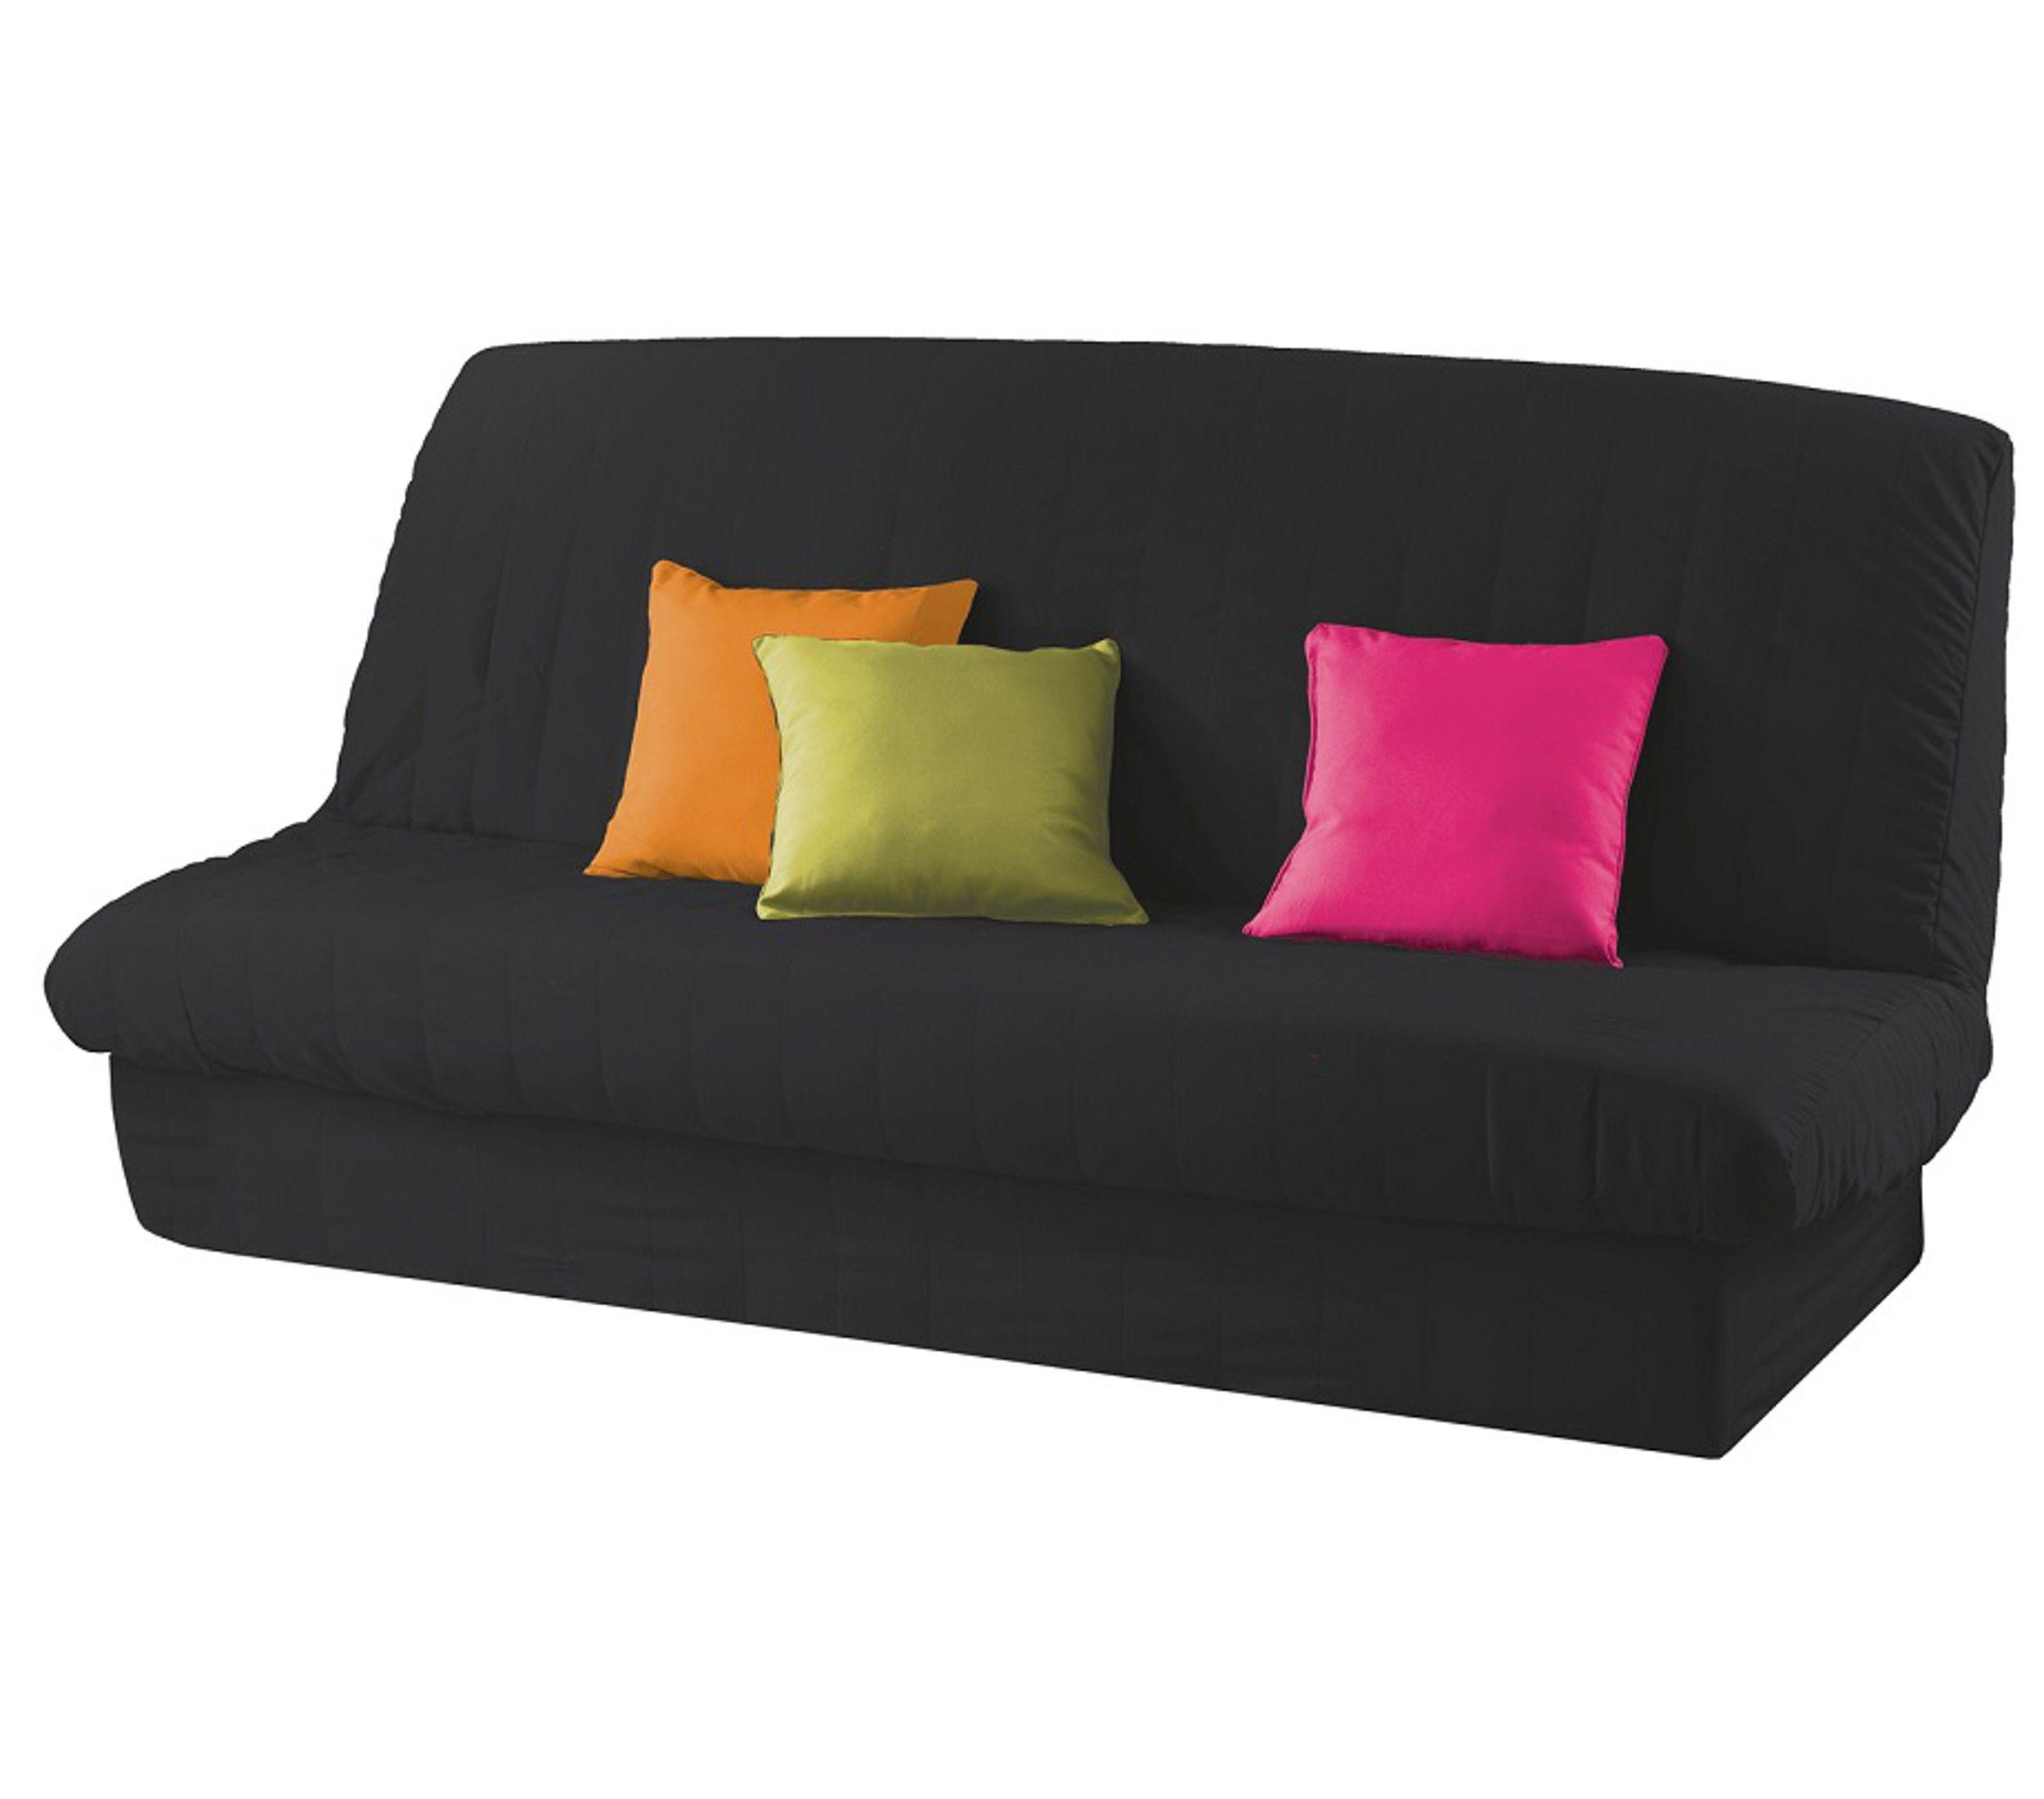 Hammarn Convertible Knisa Gris Fonce Noir Knisa Gris Fonce Noir 120 Cm Sofa Bed Ikea Sofa Bed Ikea Sofa